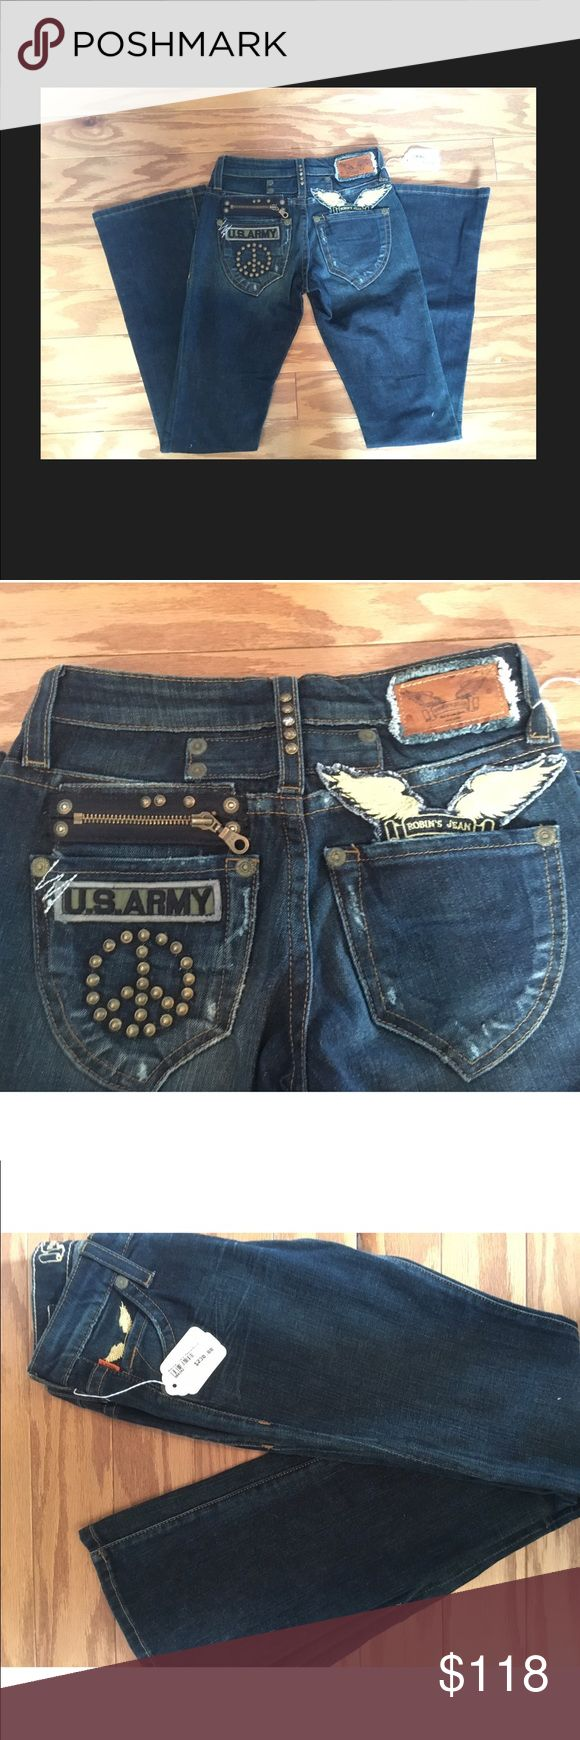 Robin's Jeans Bootcut Vietnam Studded Denim! 26 24 BNWT Rare ROBIN's Jeans Bootcut Vietnam Studded Denim! Size 24 & 26 Left Robin's Jean Jeans Boot Cut